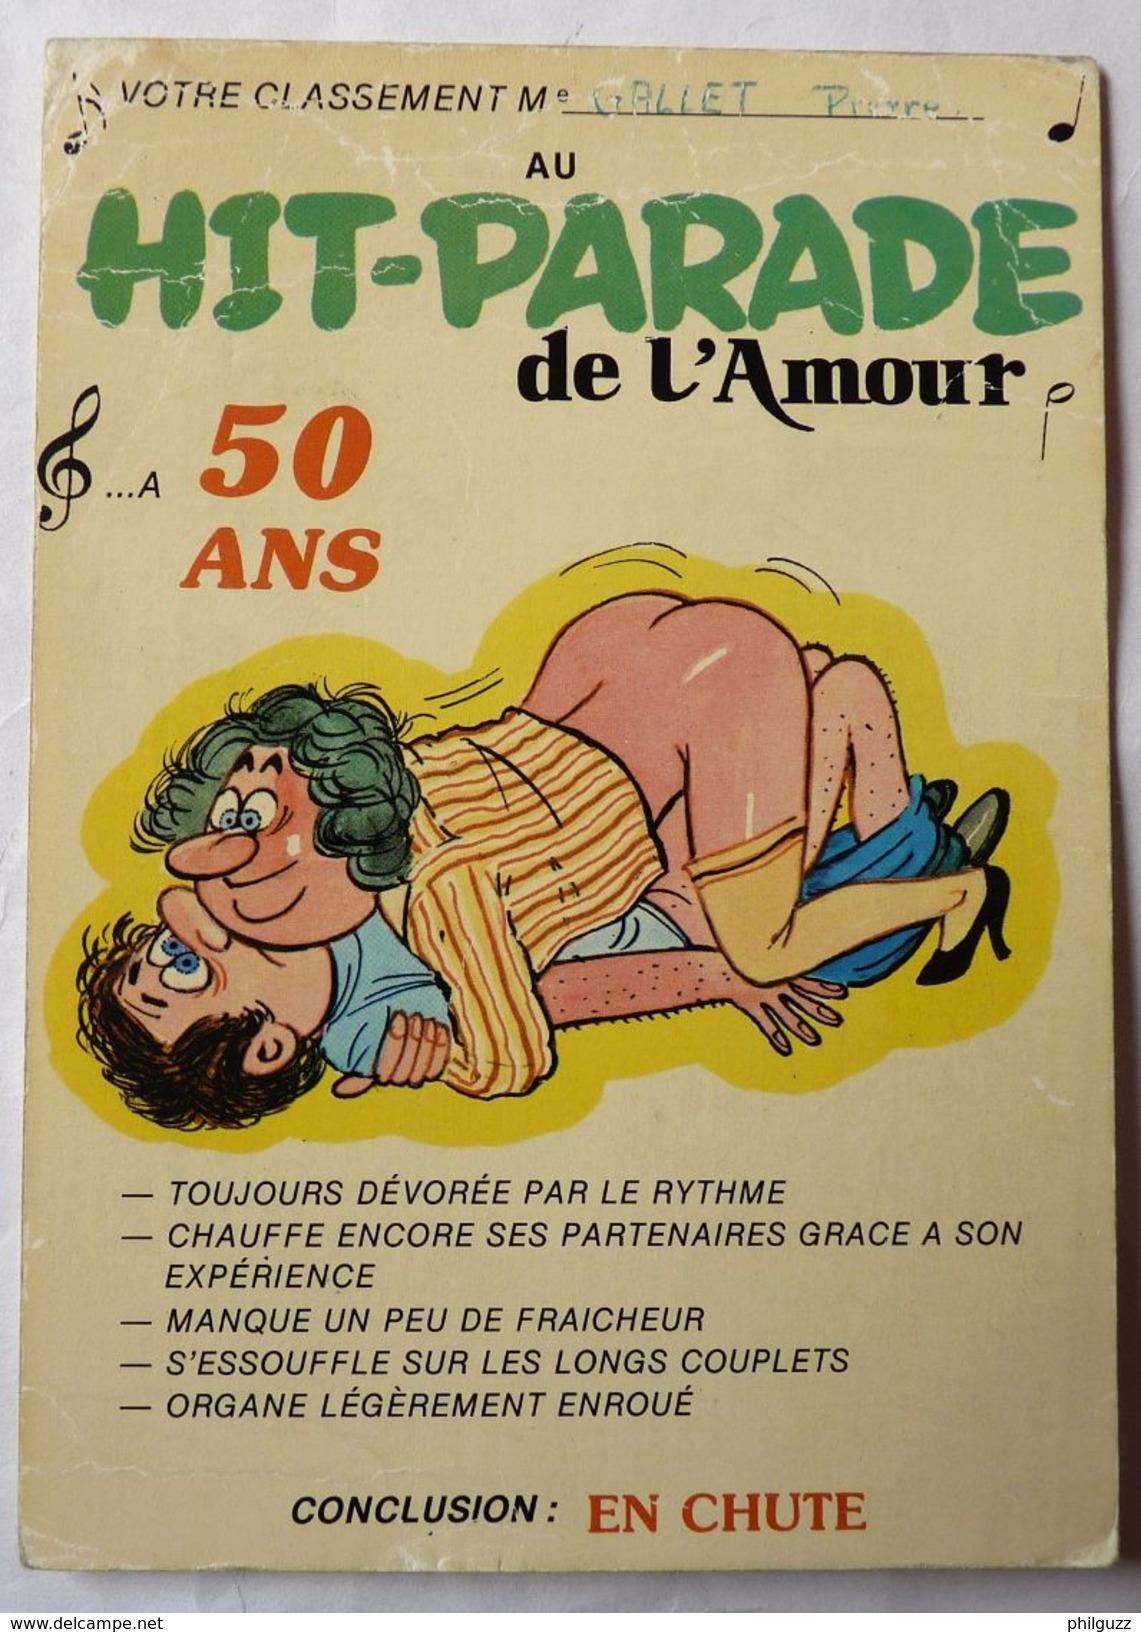 CPM HUMORISTIQUE ILLUSTRATEUR ALEXANDRE - SERIE Hit Parade De L'amour 846-6 CARTE POSTALE EDITIONS LYNA - Alexandre